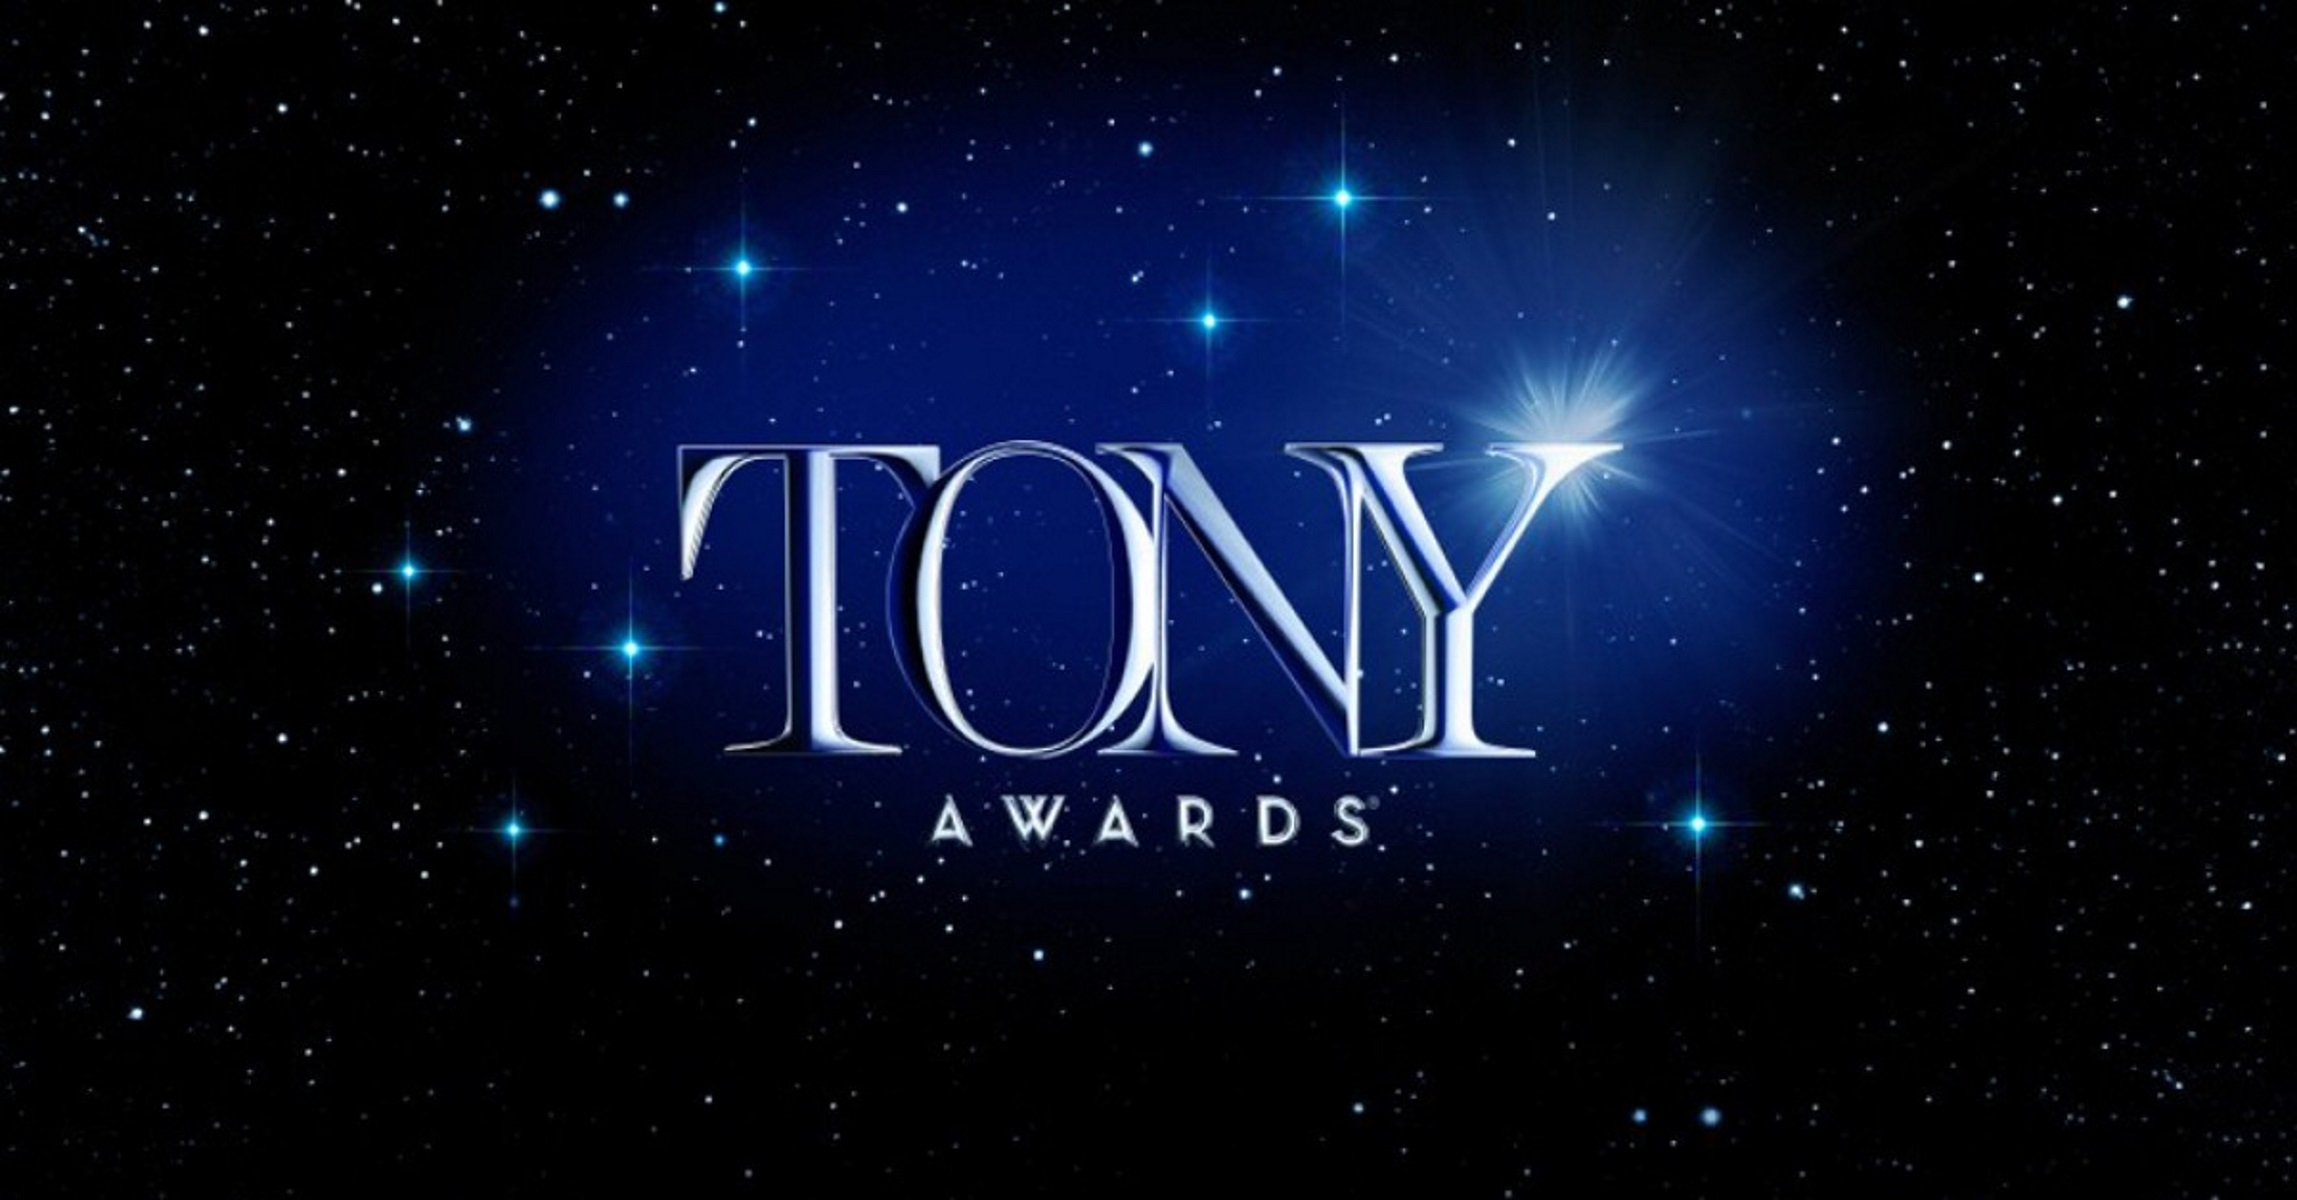 Σε ψηφιακή τελετή η απονομή των βραβείων Tony του Μπρόντγουεϊ